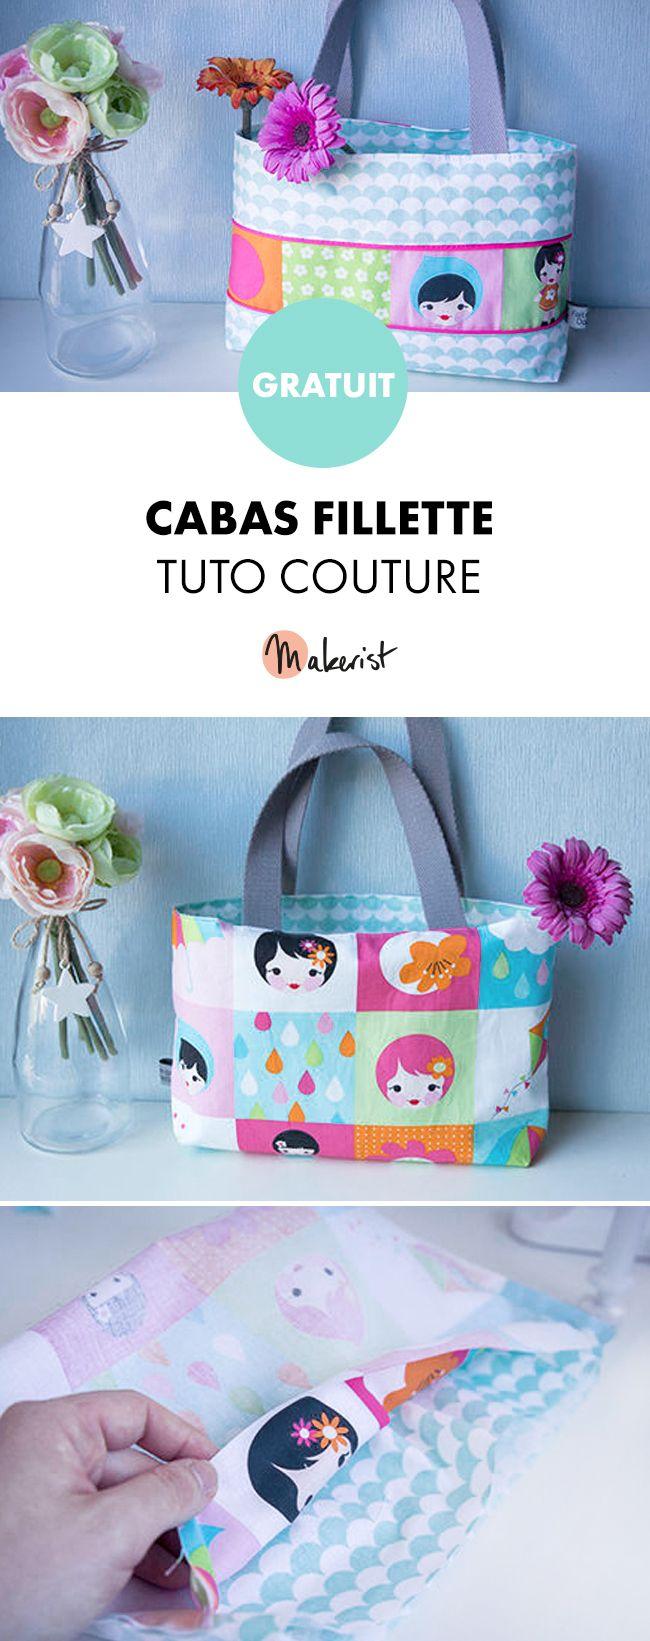 Tuto couture gratuit sac pour petite fille ! Coudre son sac, c'est facile !